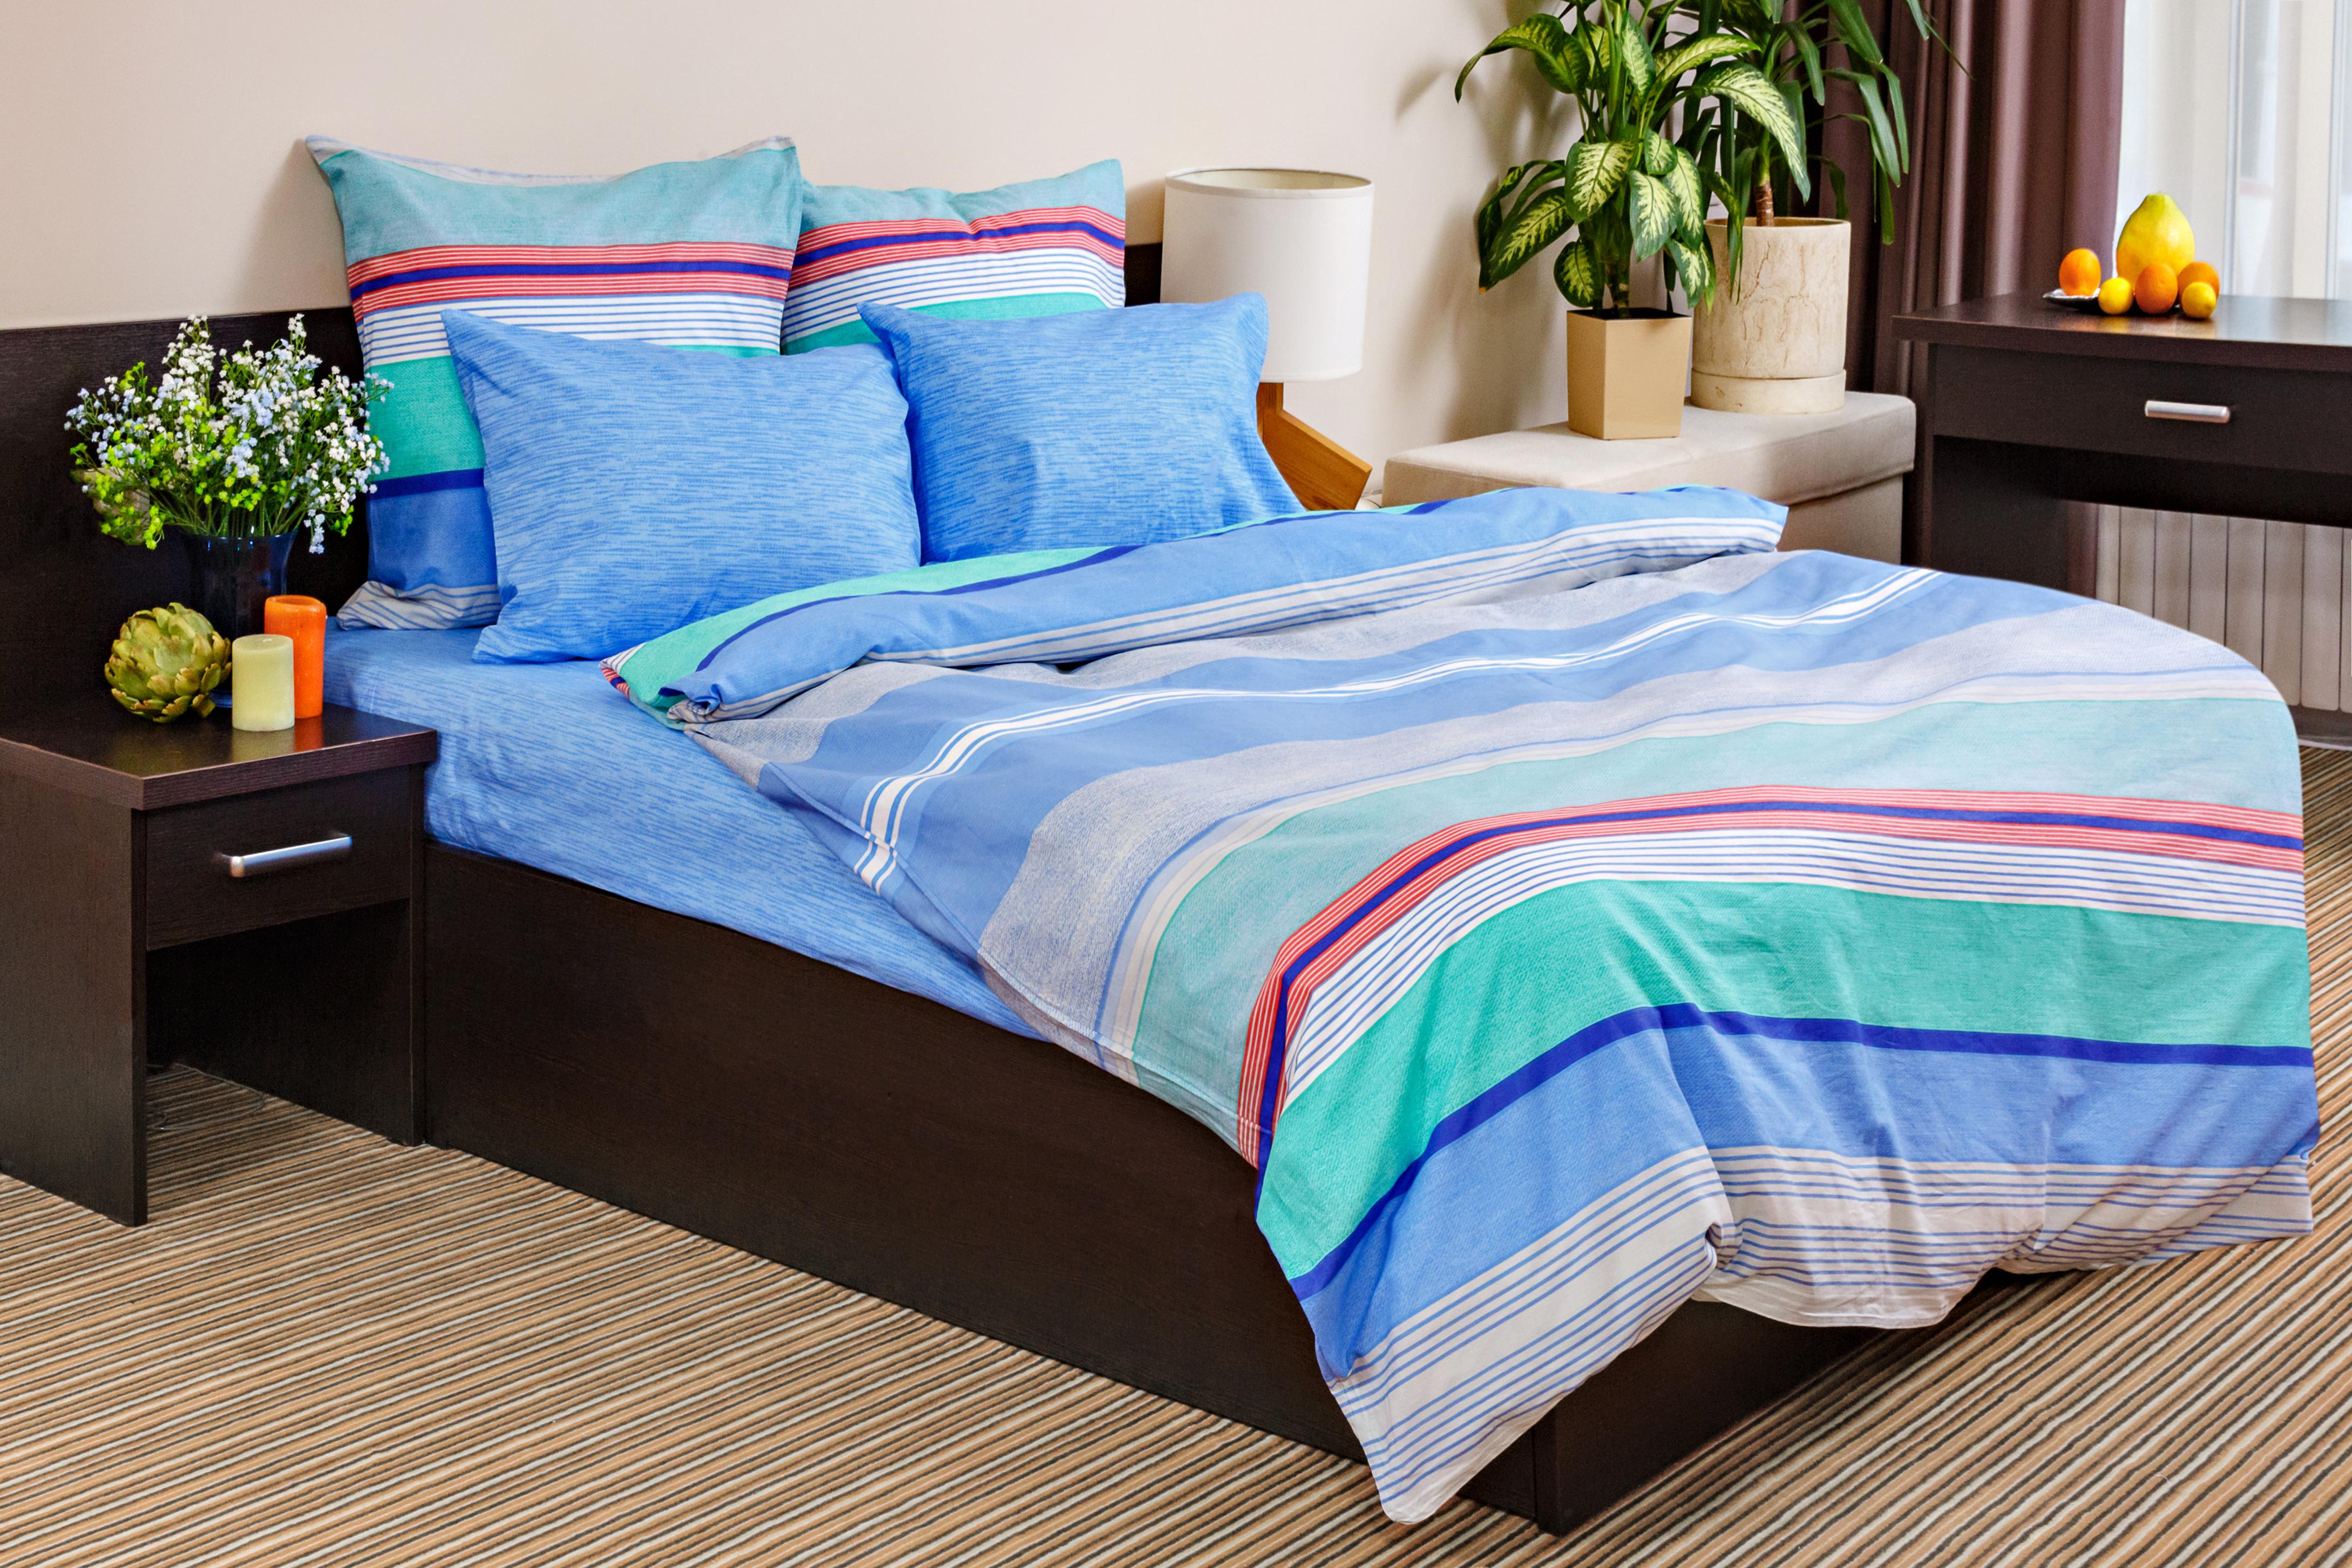 Комплект постельного белья Ночь нежна Stil (2 сп. евро)